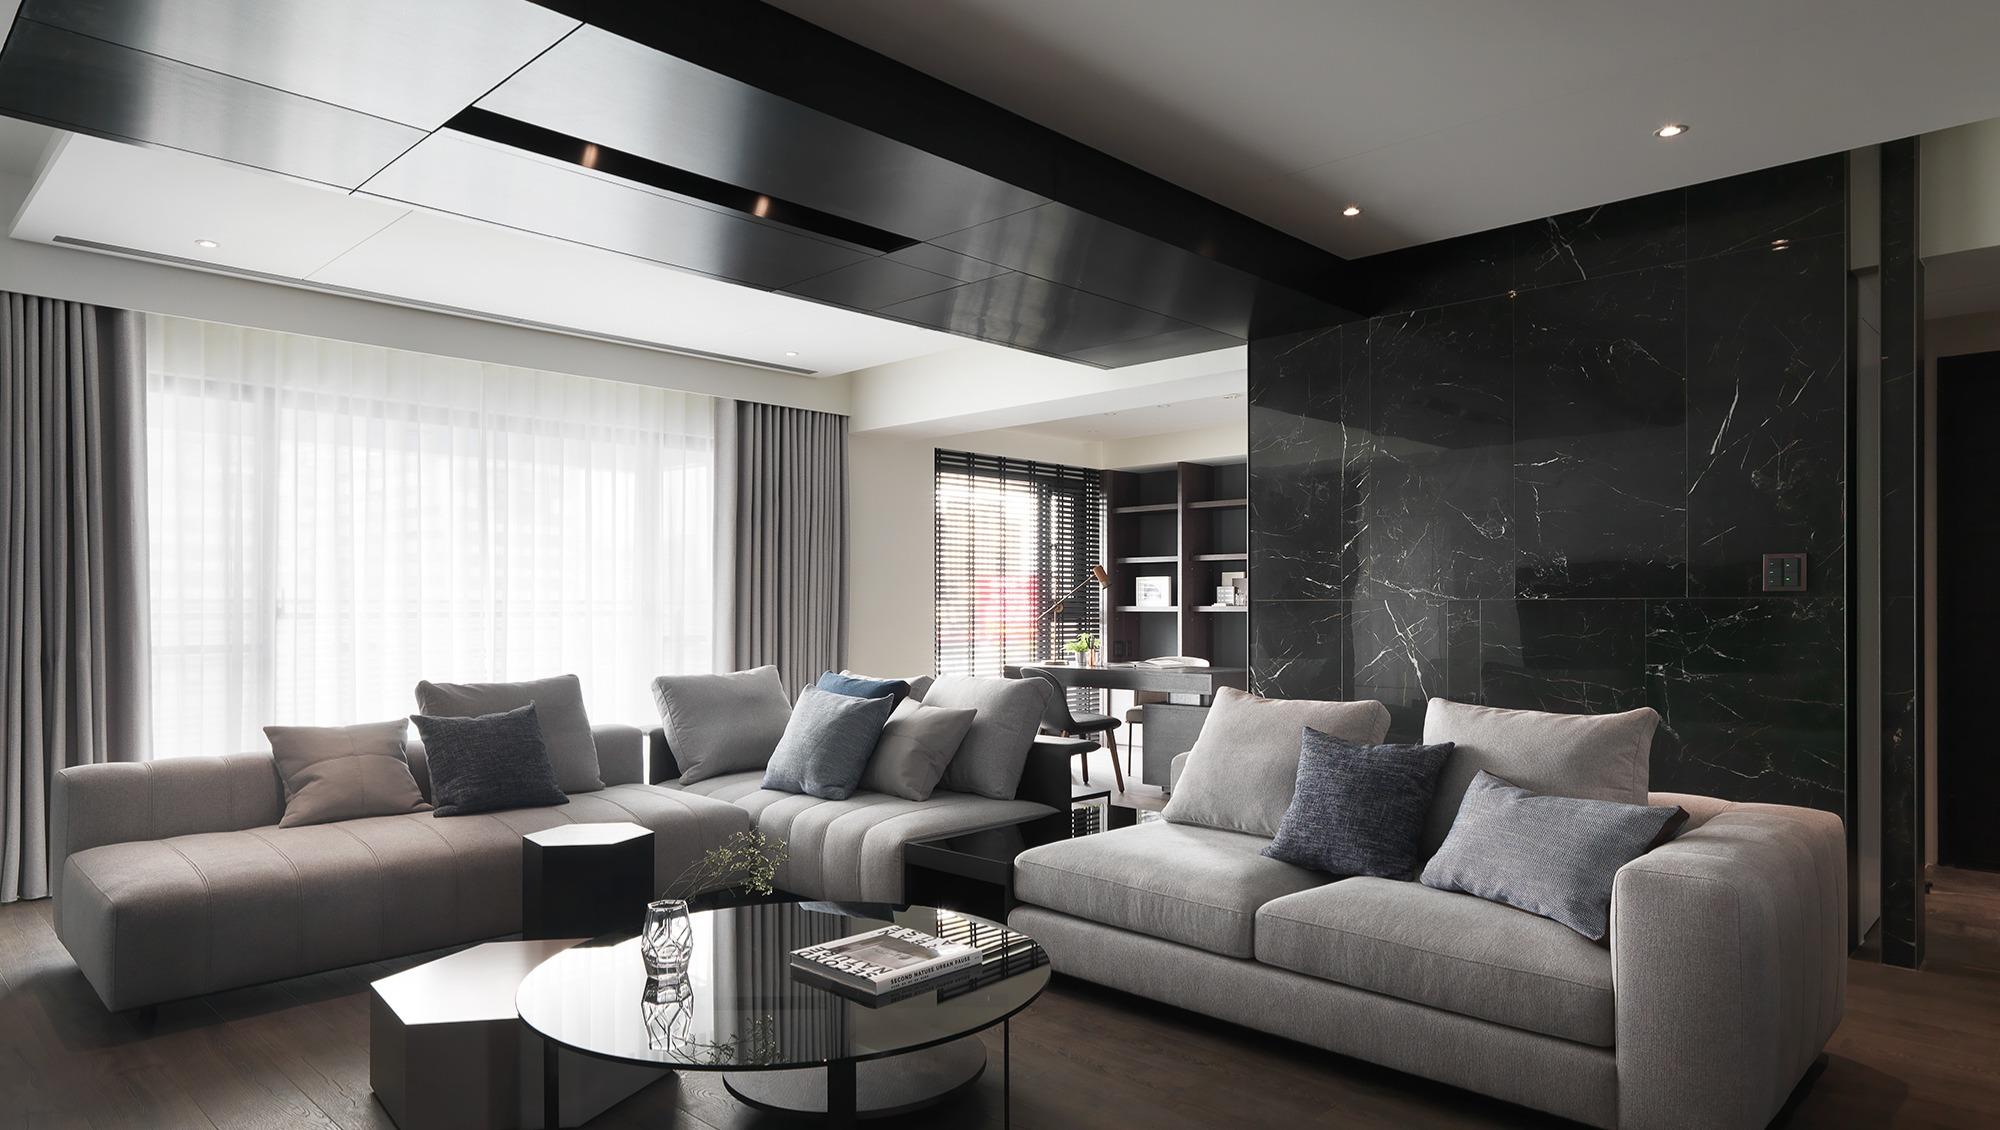 室內設計視頻 預算最大化 一次看懂客製低調豪宅